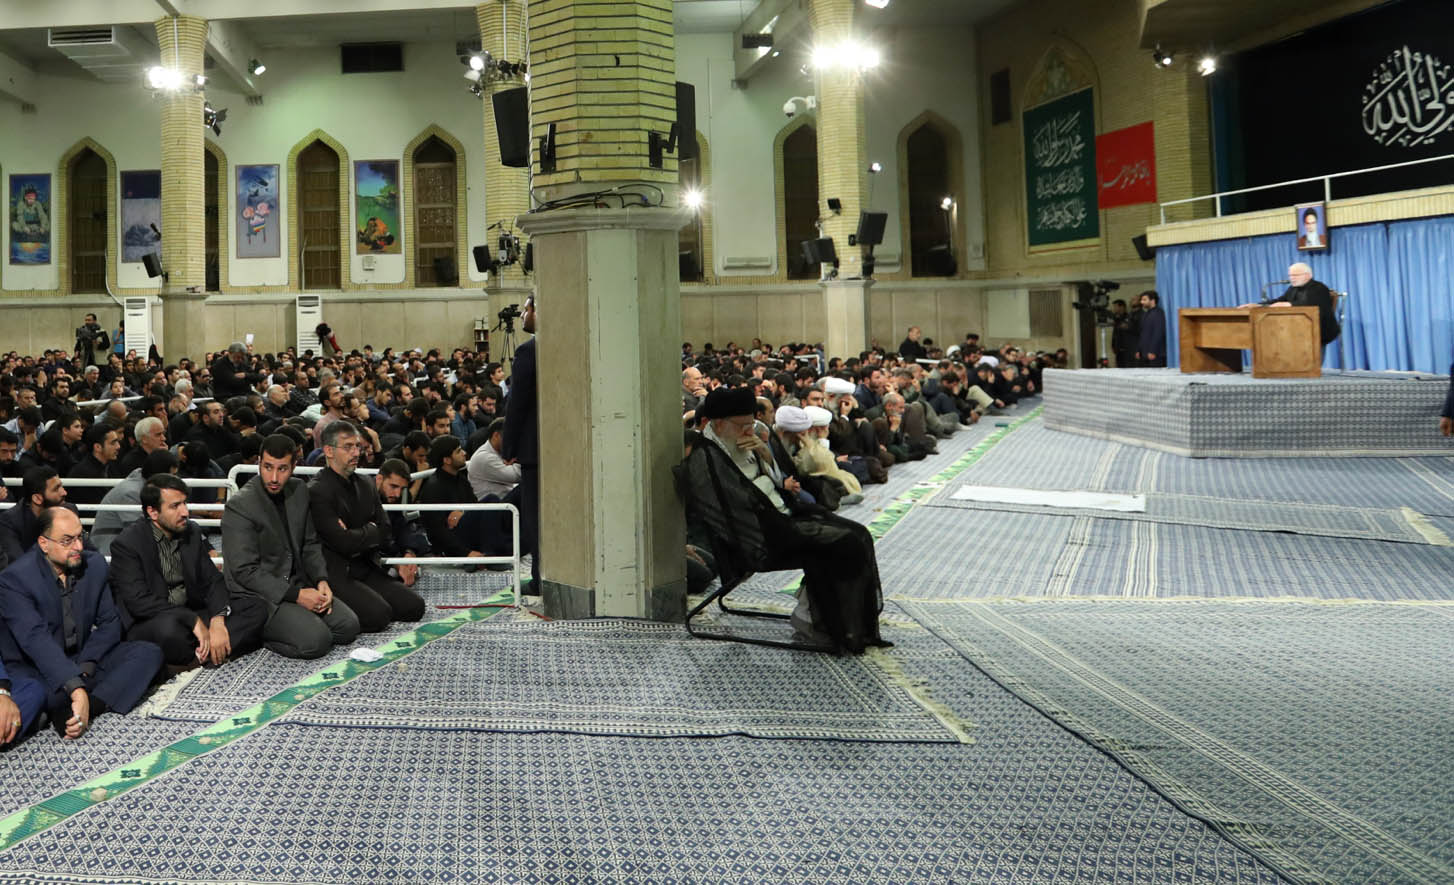 مراسم سوگواری امام علی(ع) در حضور رهبر معظم انقلاب برگزار شد